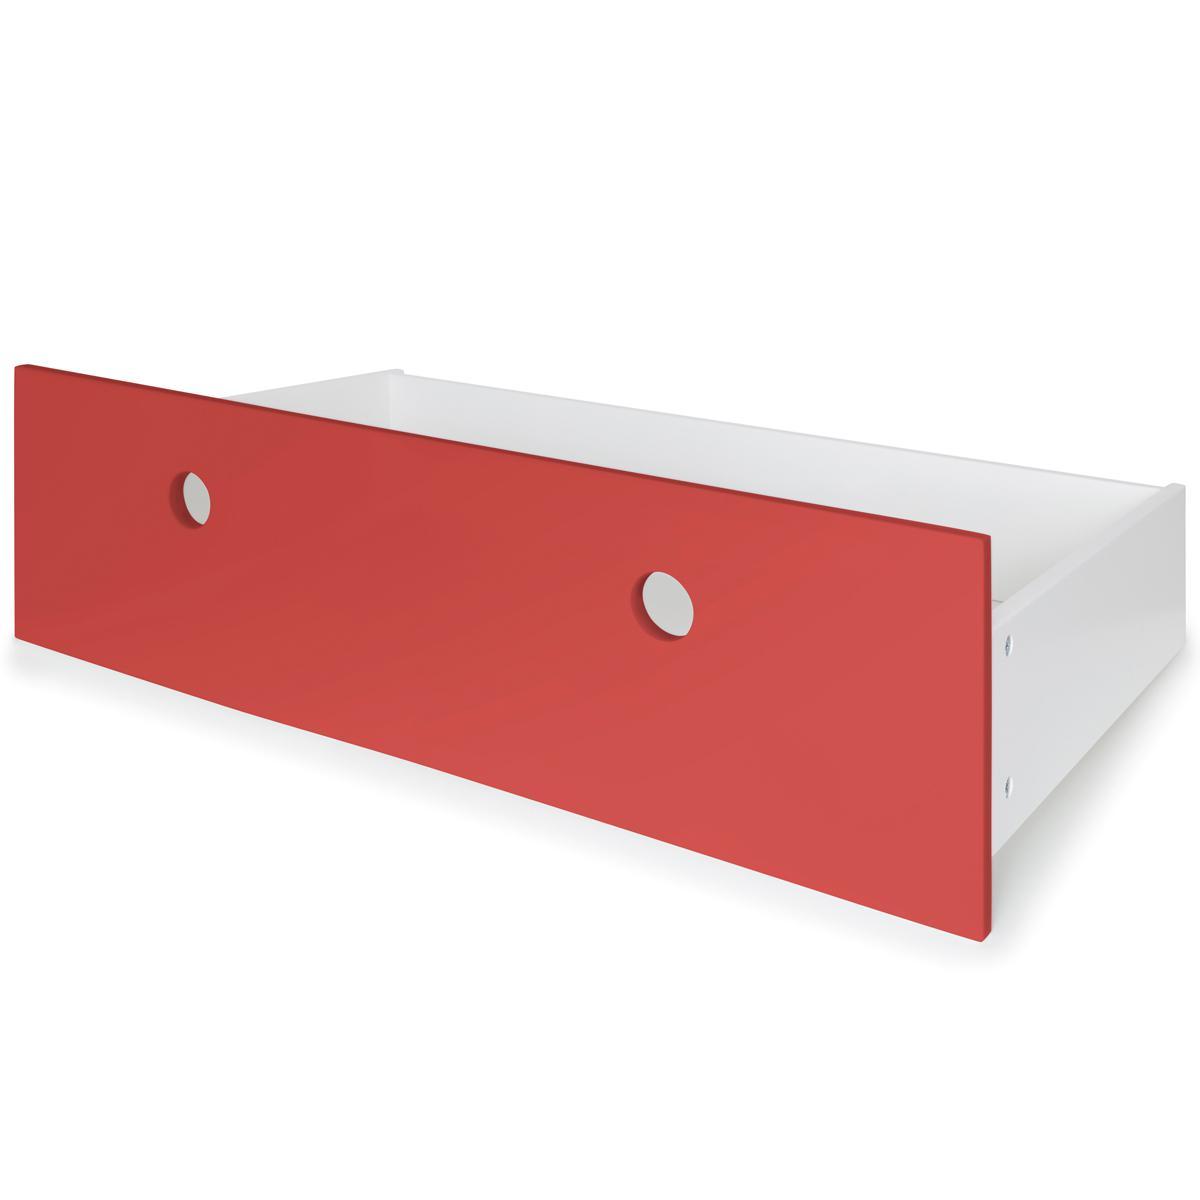 Façade tiroir L COLORFLEX true red